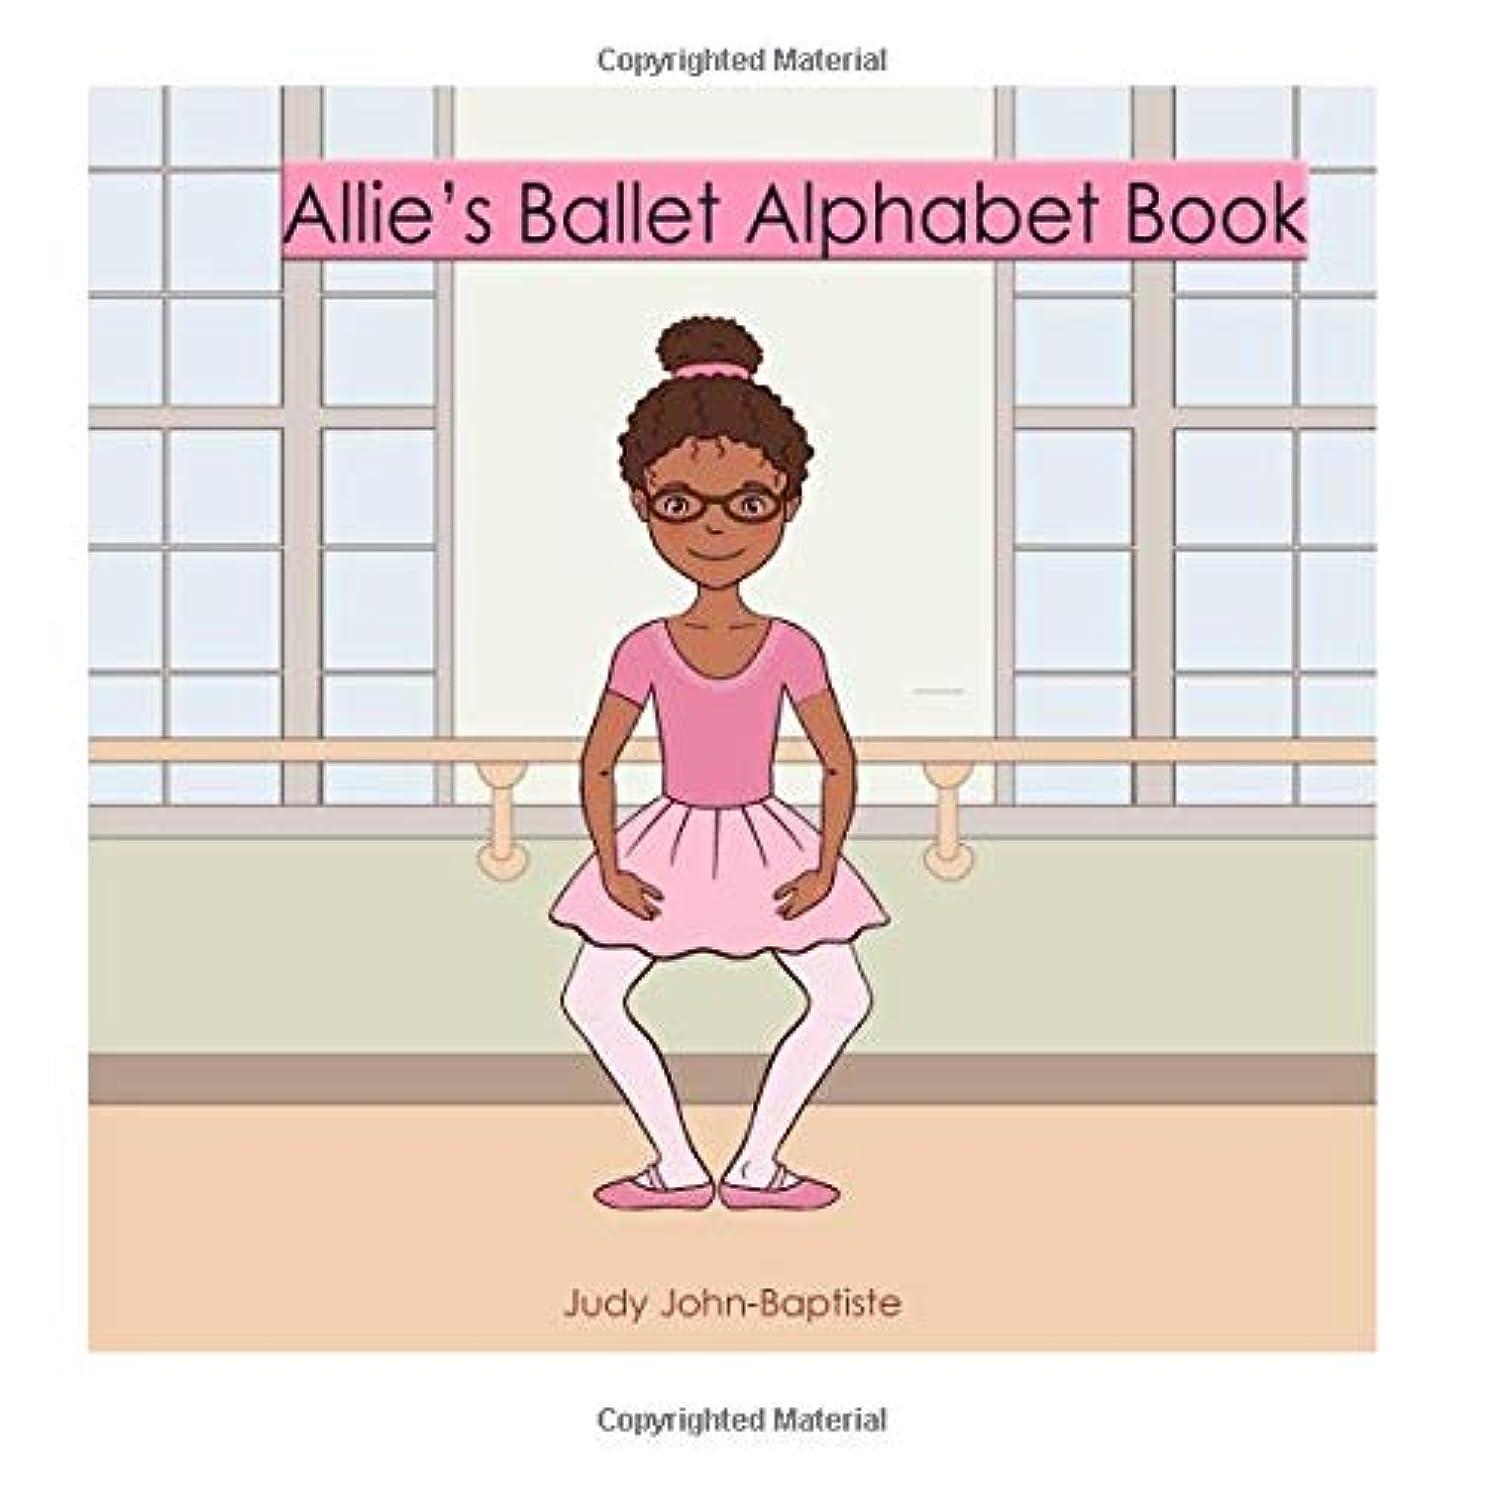 リサイクルする武装解除廃棄Allie's Ballet Alphabet Book (ballet dictionary for kids with pictures)